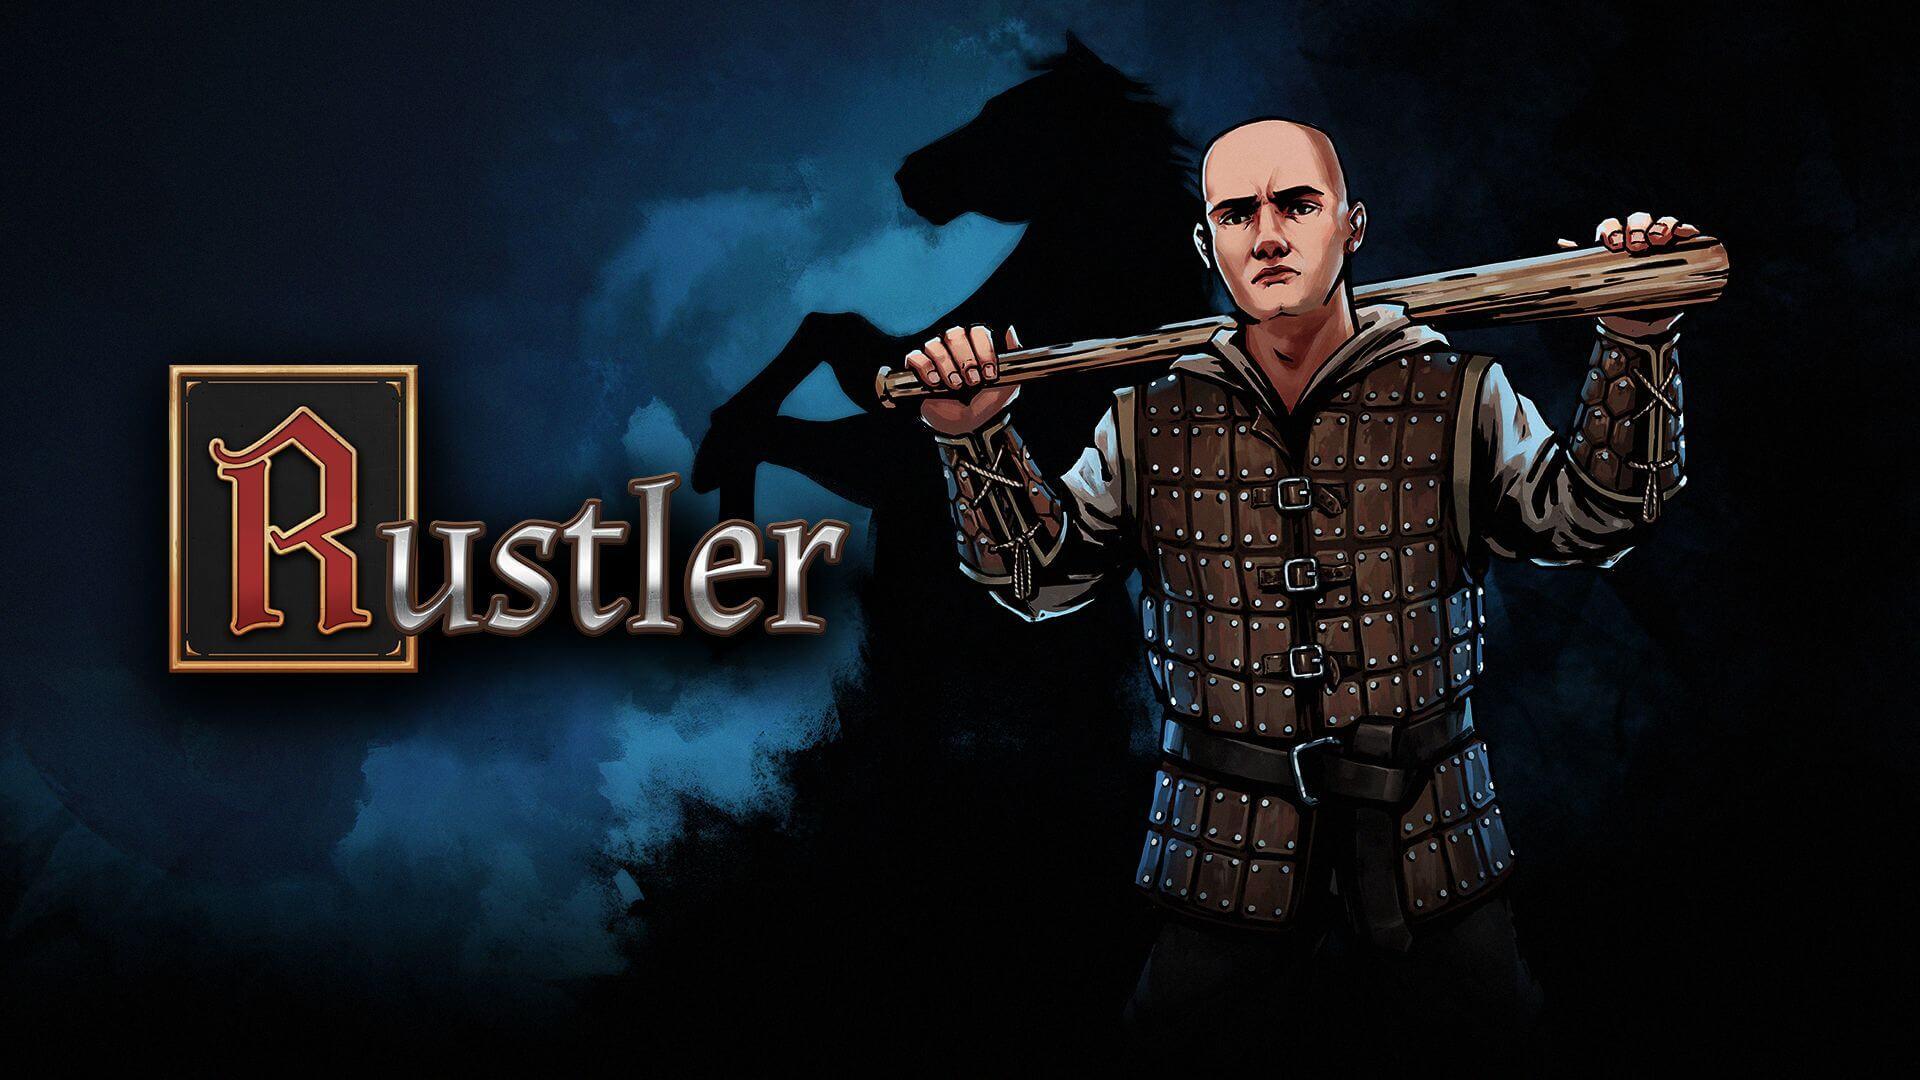 Rustler, GTA medievale in cui completare missioni